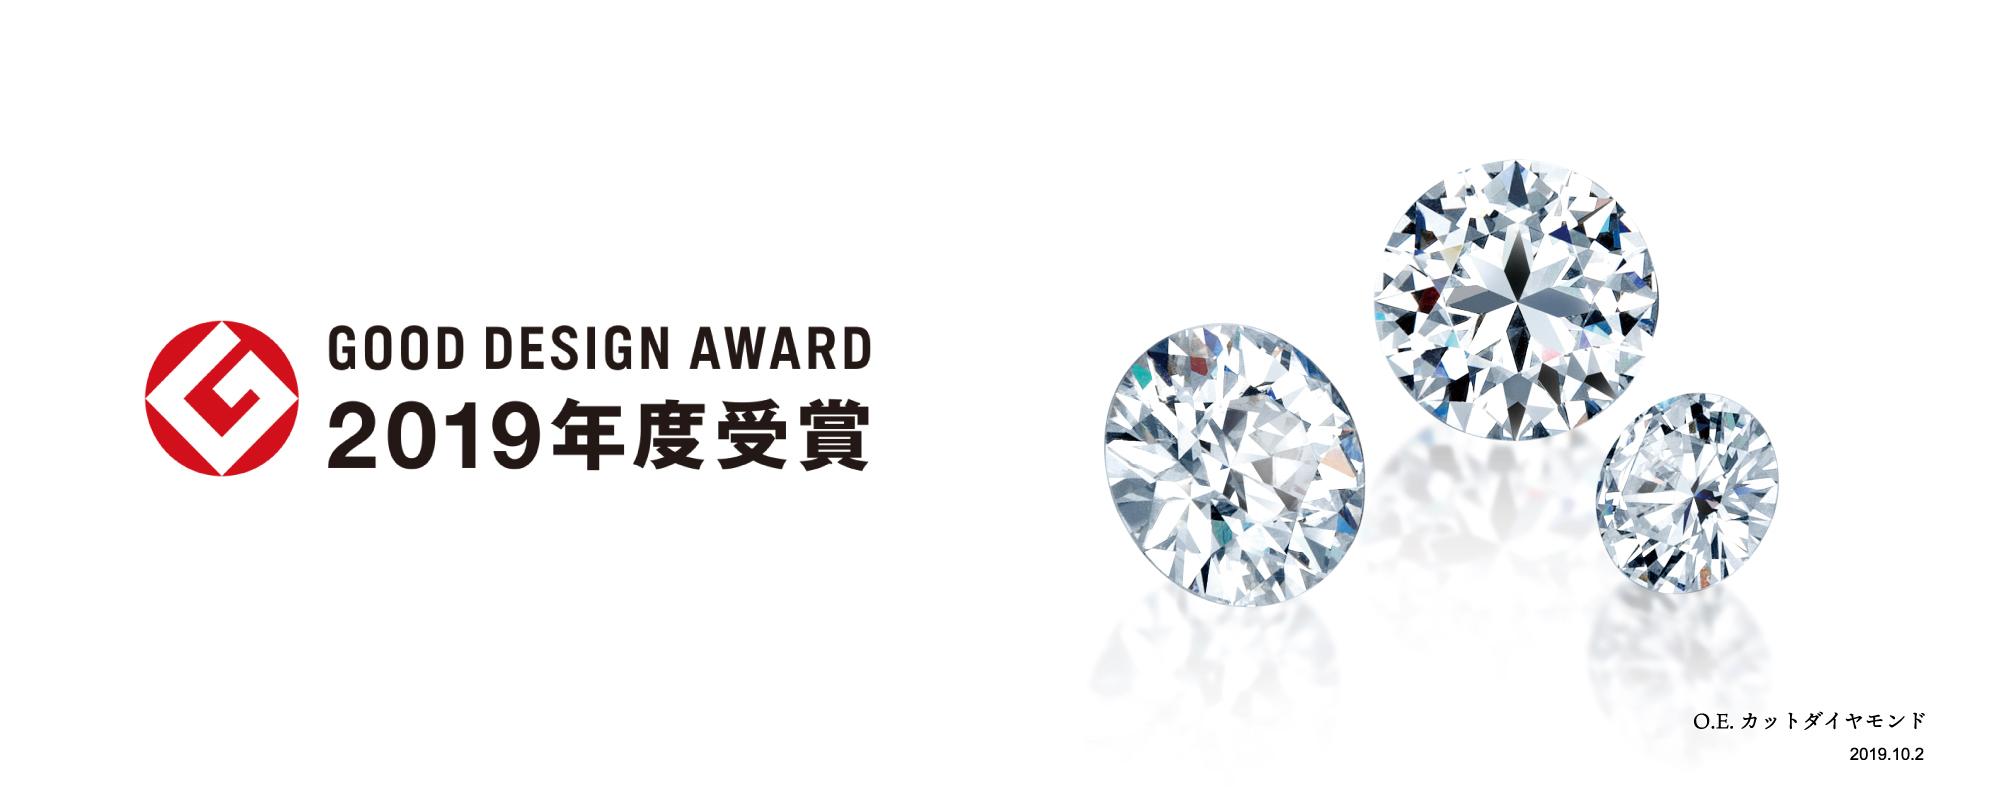 日本初のダイヤモンドカット技術がグッドデザイン賞を受賞した『O.E.カットダイヤモンド』を販売する【... 画像